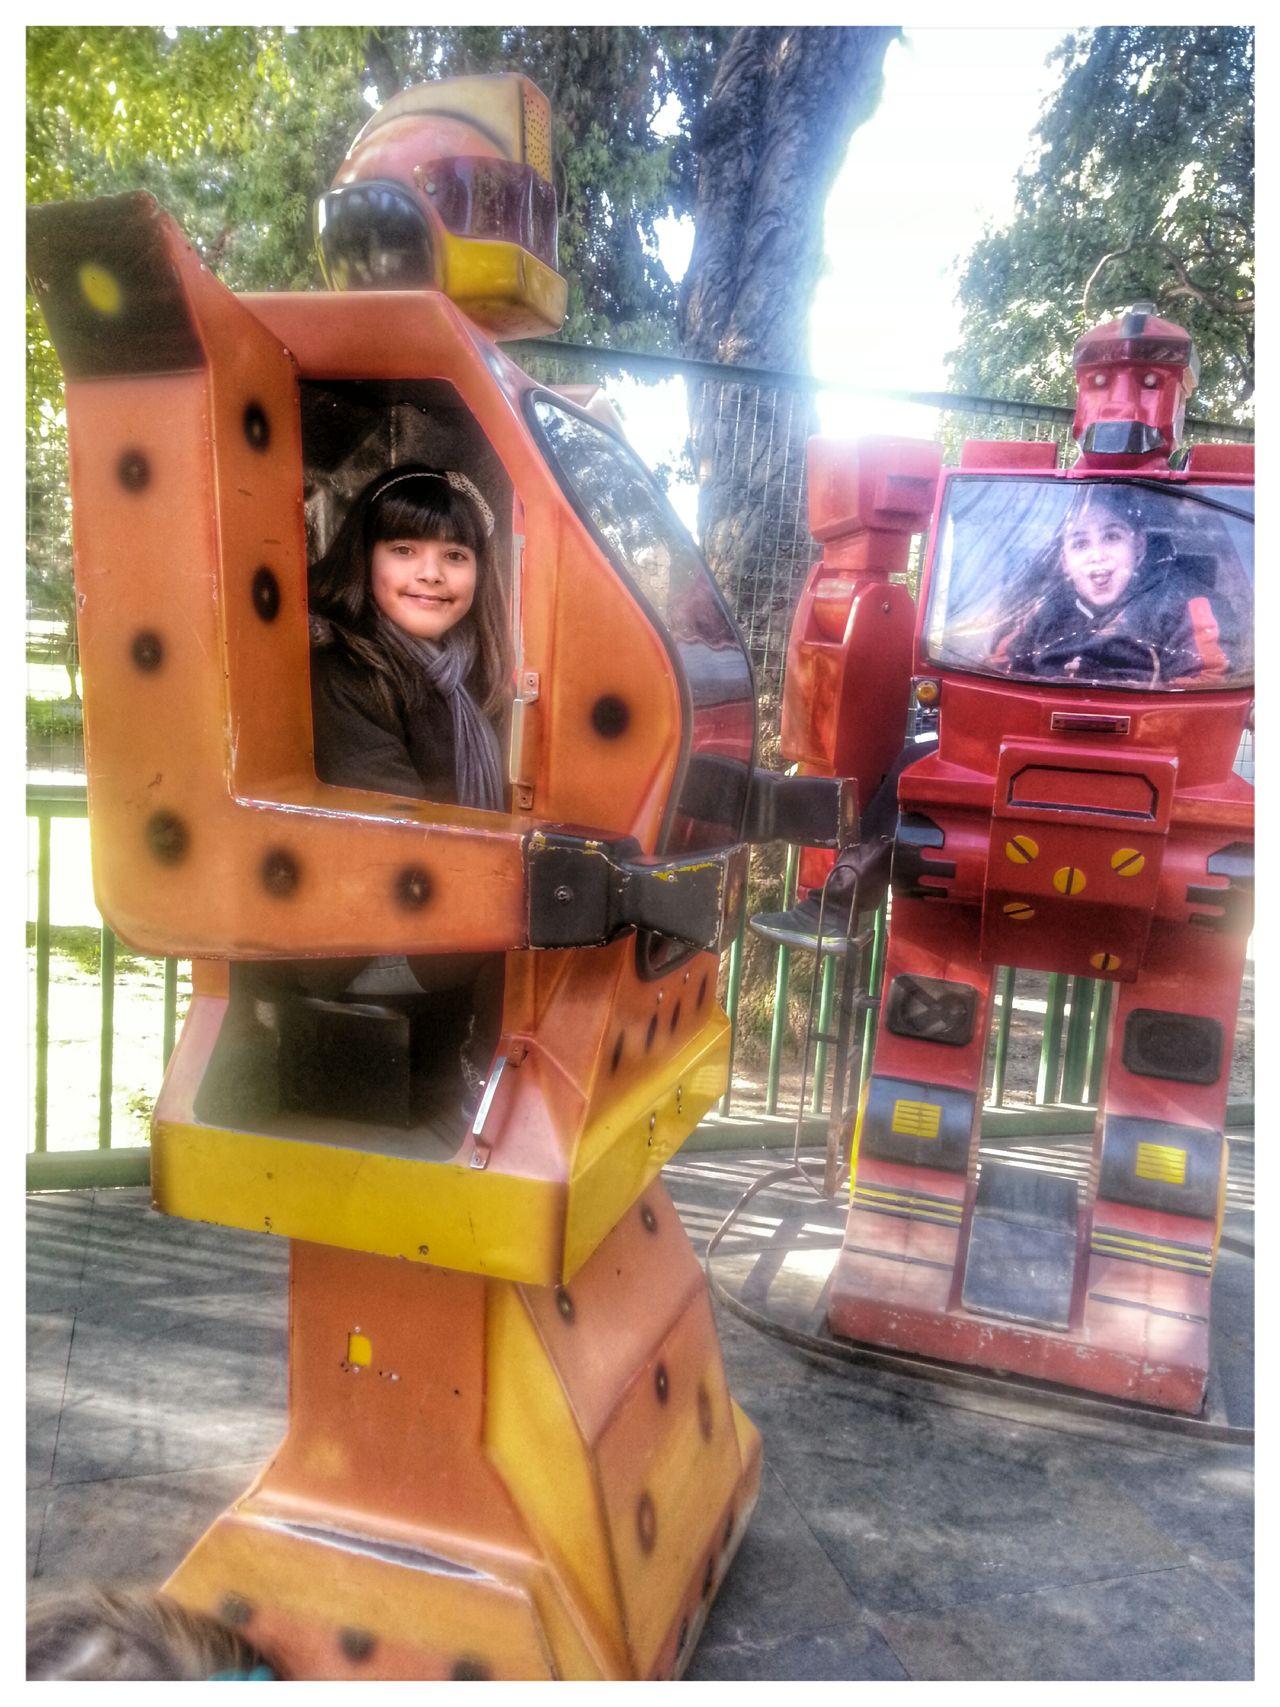 Childhood Having Fun Having Fun :) Kids Kids Being Kids Kids Photography Kids Playing Outdoor Photography Outdoors Outdoors Photograpghy  Real People Robots Robots!!!